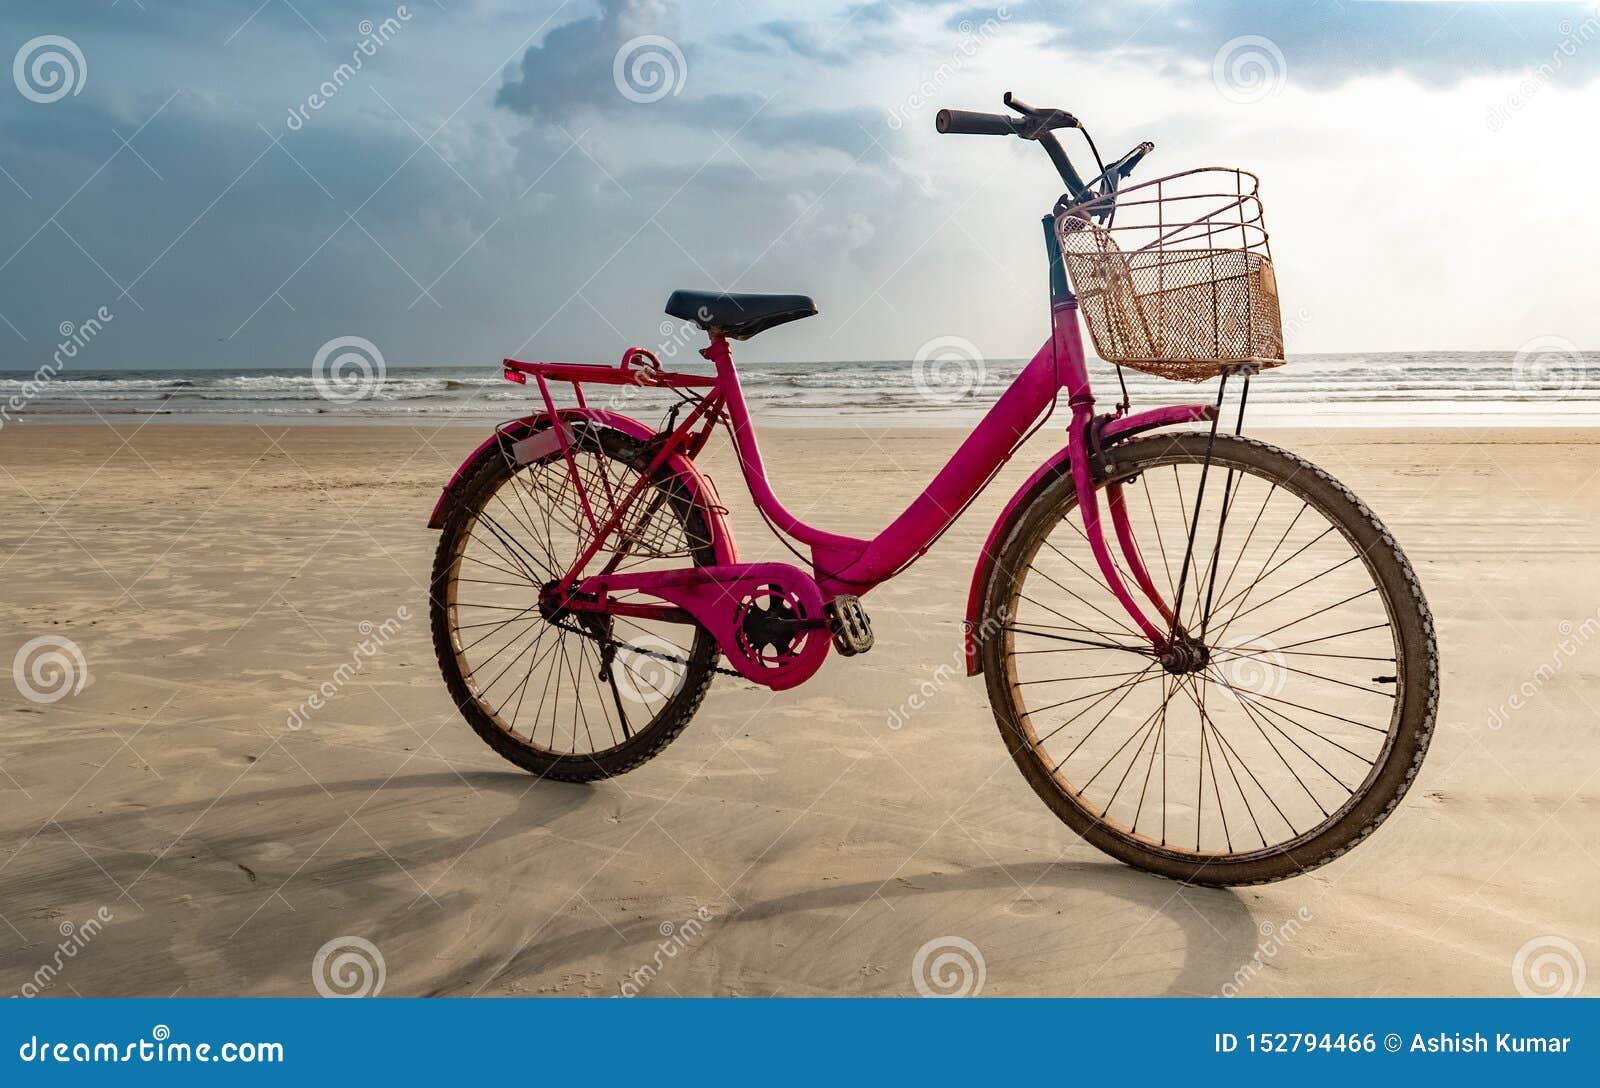 Χρωματισμένο ροζ ποδήλατο ηλικιωμένων κυριών που σταθμεύουν στην παραλία μετά από να ανακυκλώσει Μια διασκέδαση γέμισε την υγιή δ